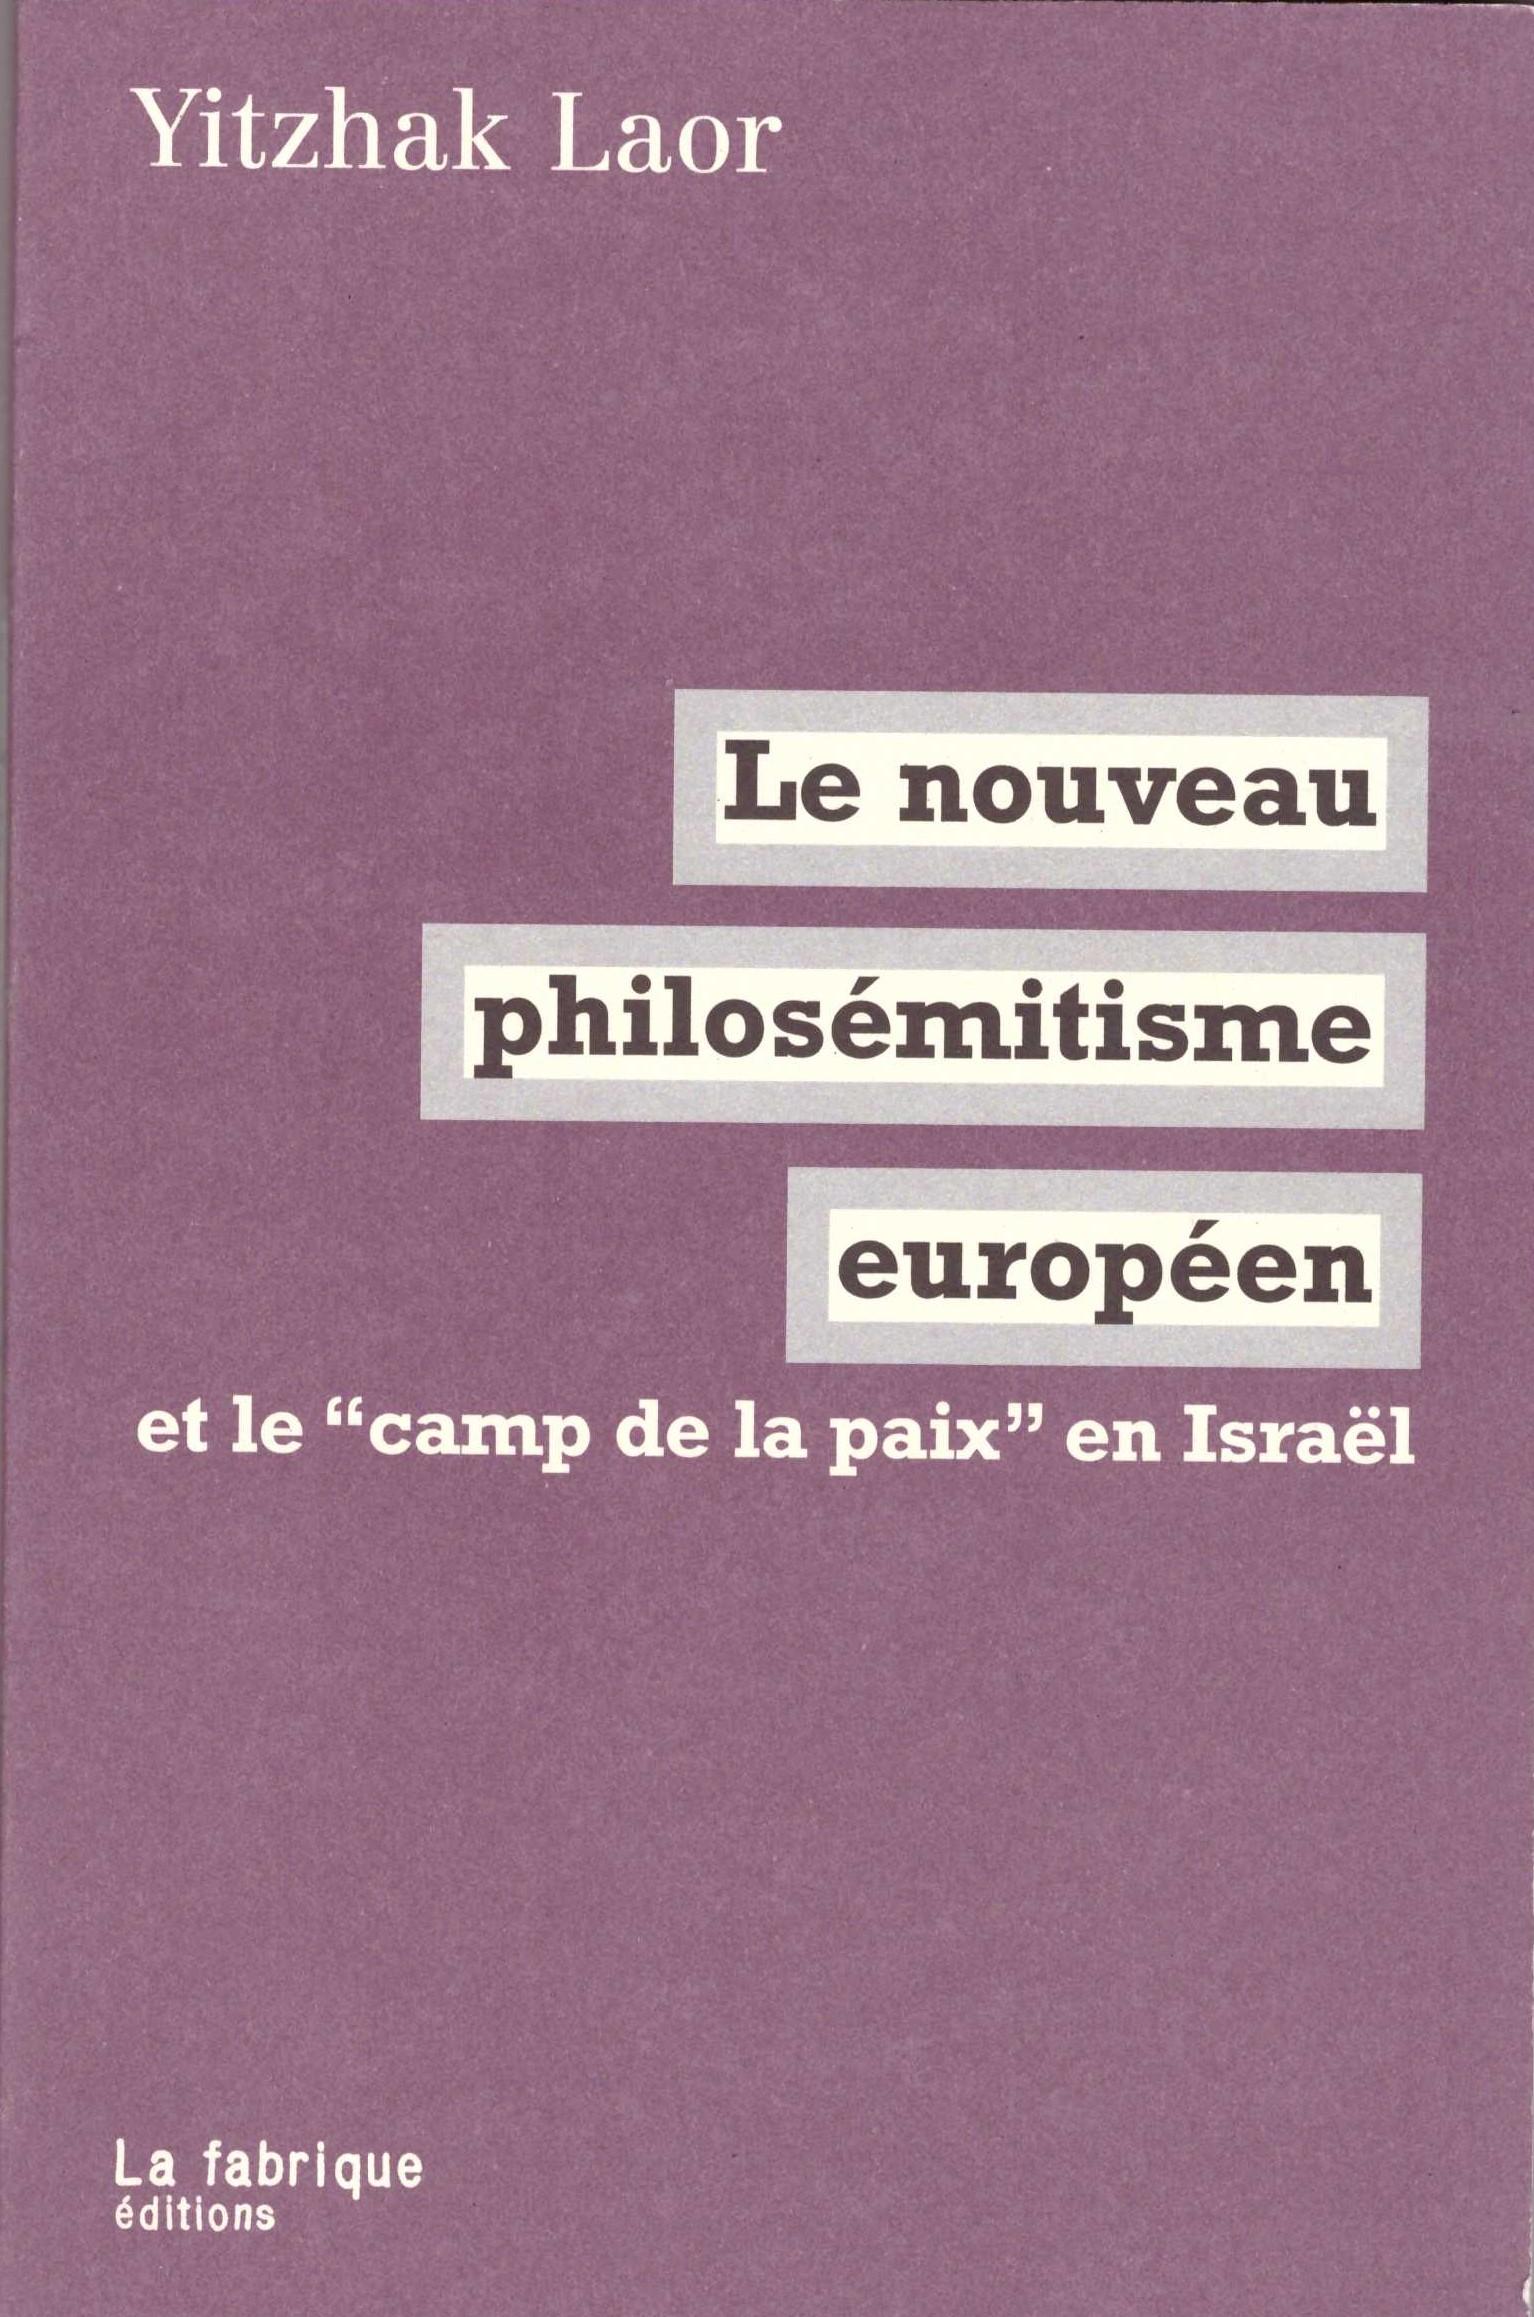 """Le nouveau philosémitisme européen et le """"camp de la paix"""" en Israël"""